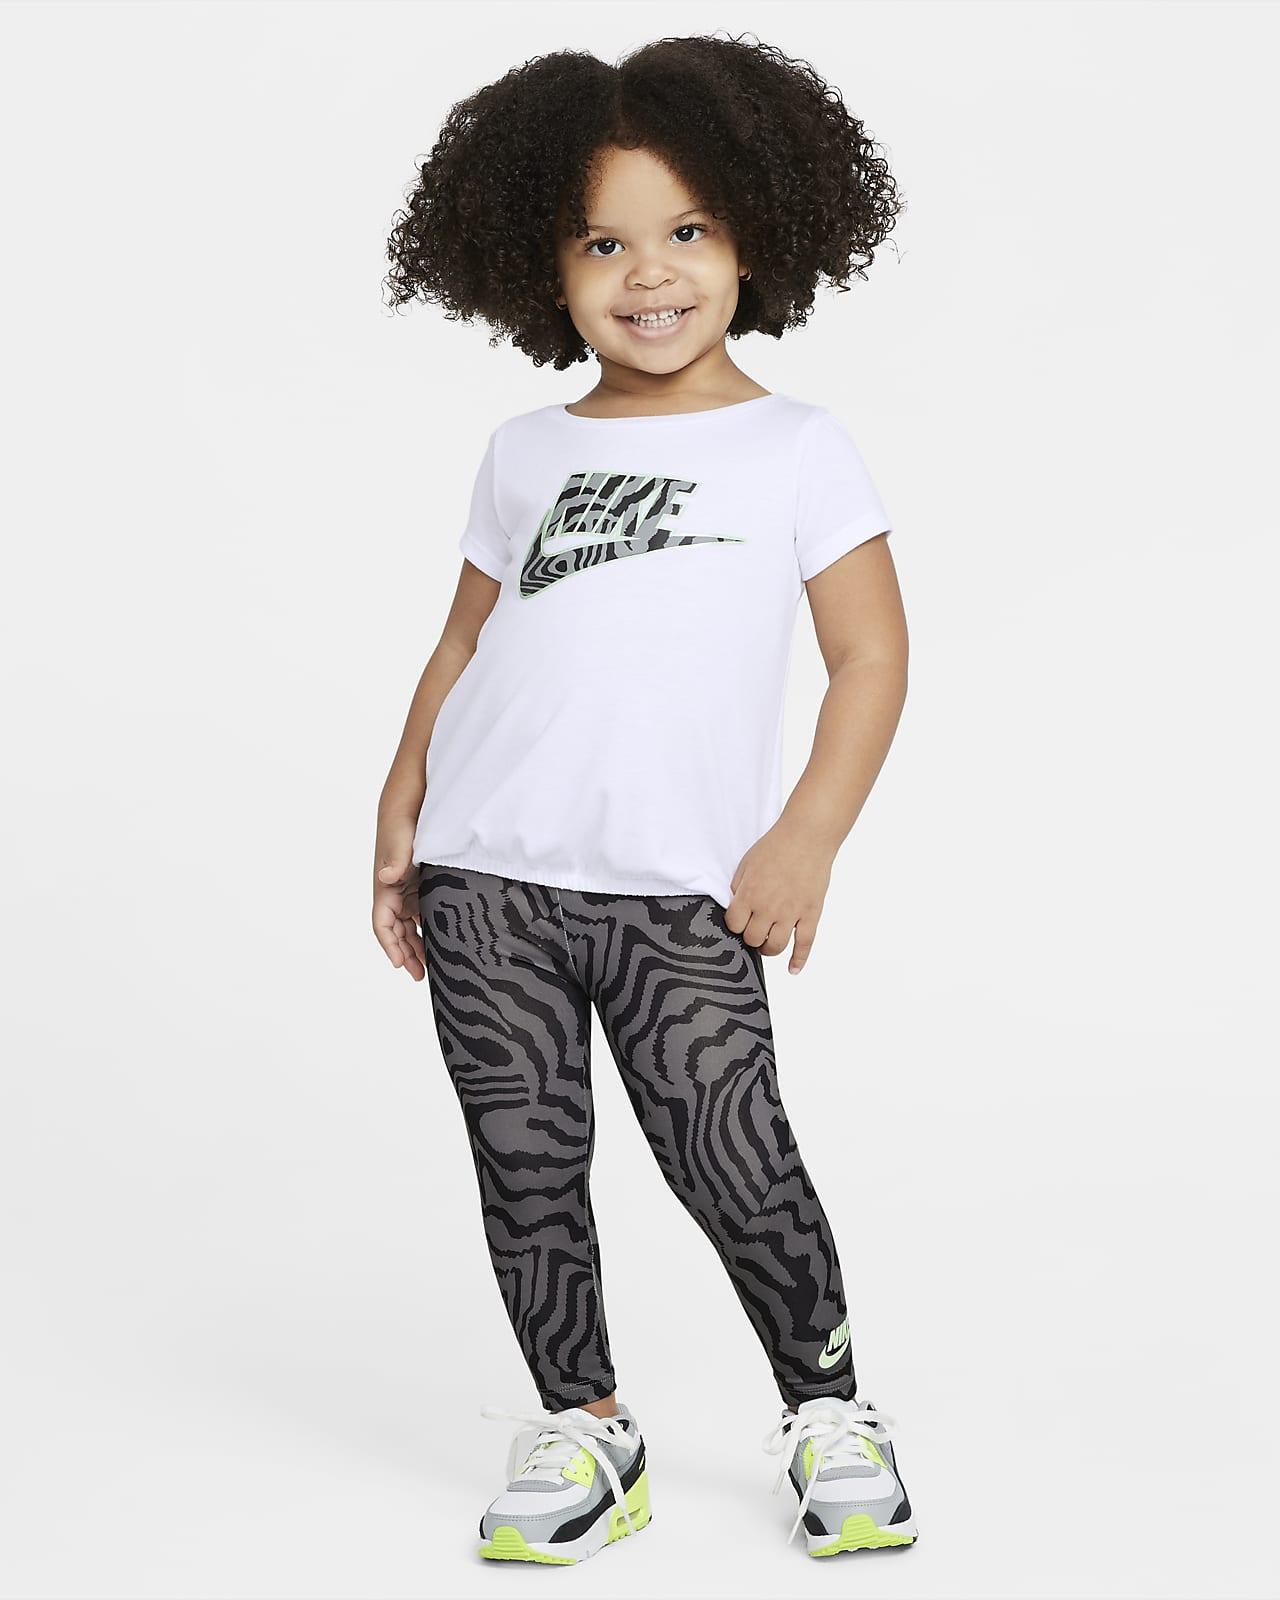 Completo con leggings e maglia stampati Nike - Bimbi piccoli